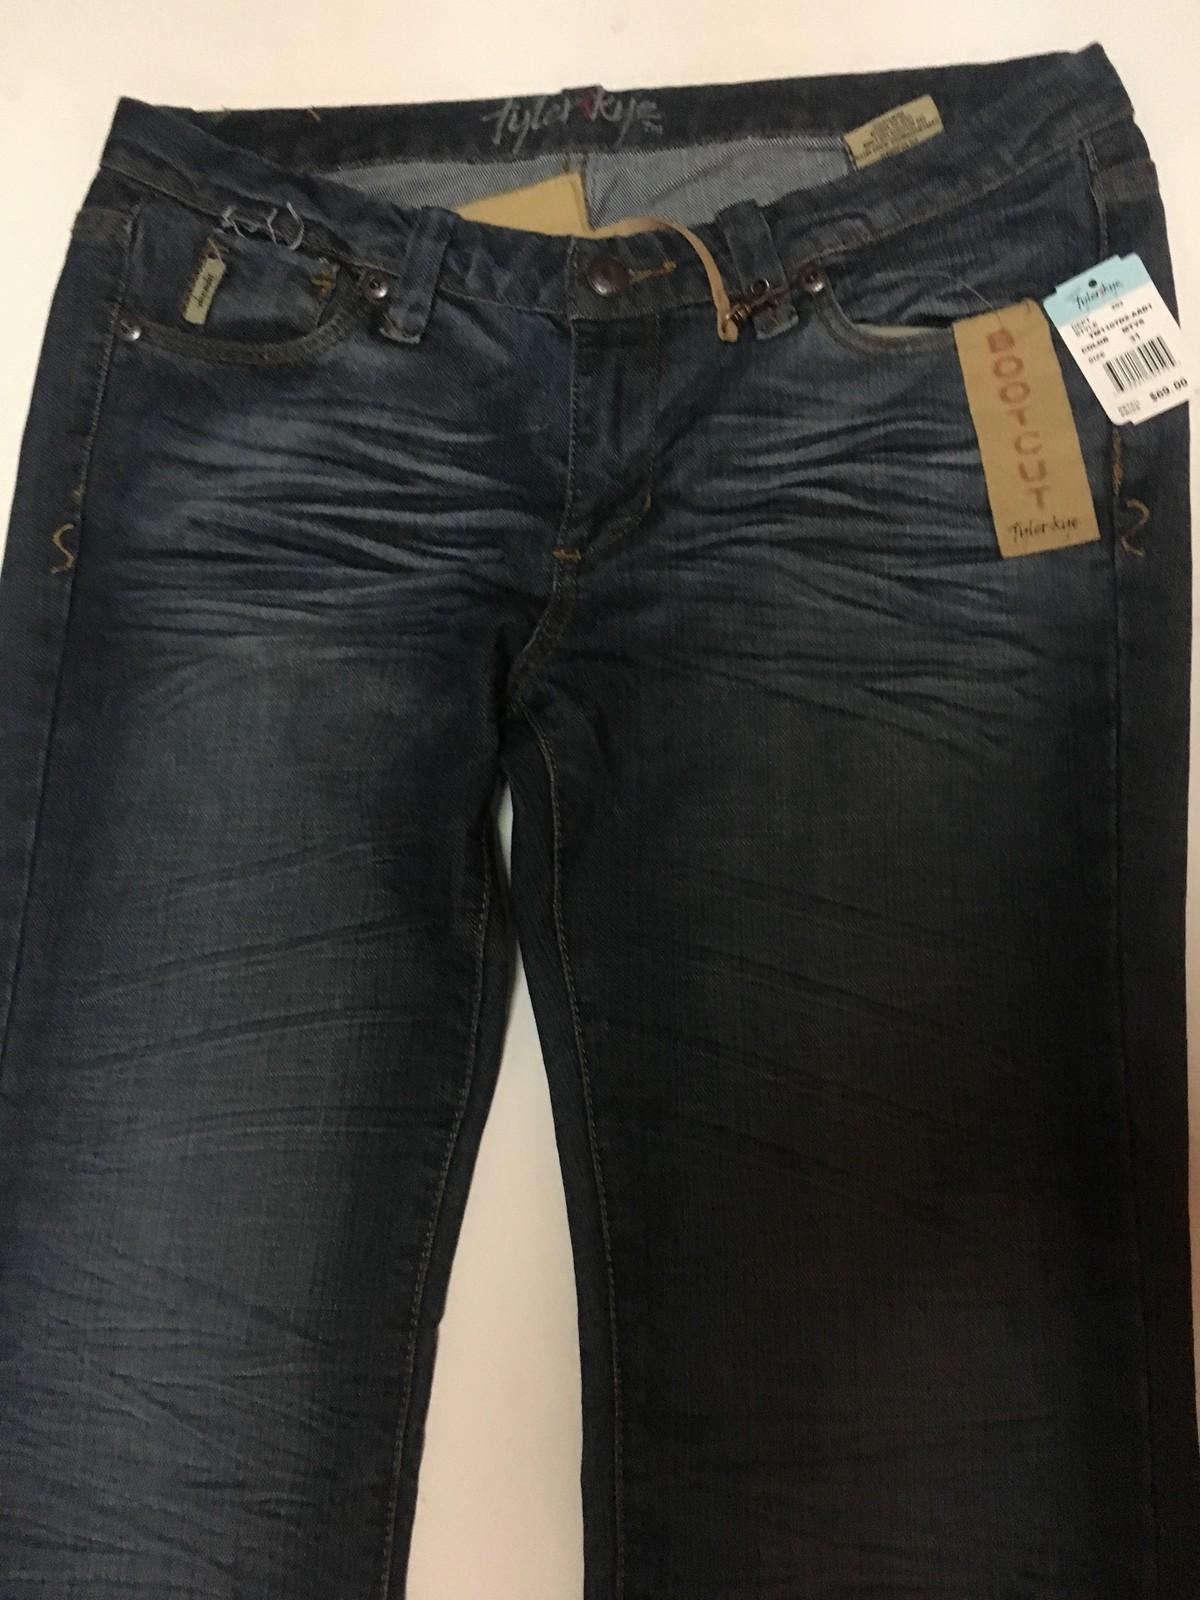 Tyler Skye Women's Blue Jeans Sz 31